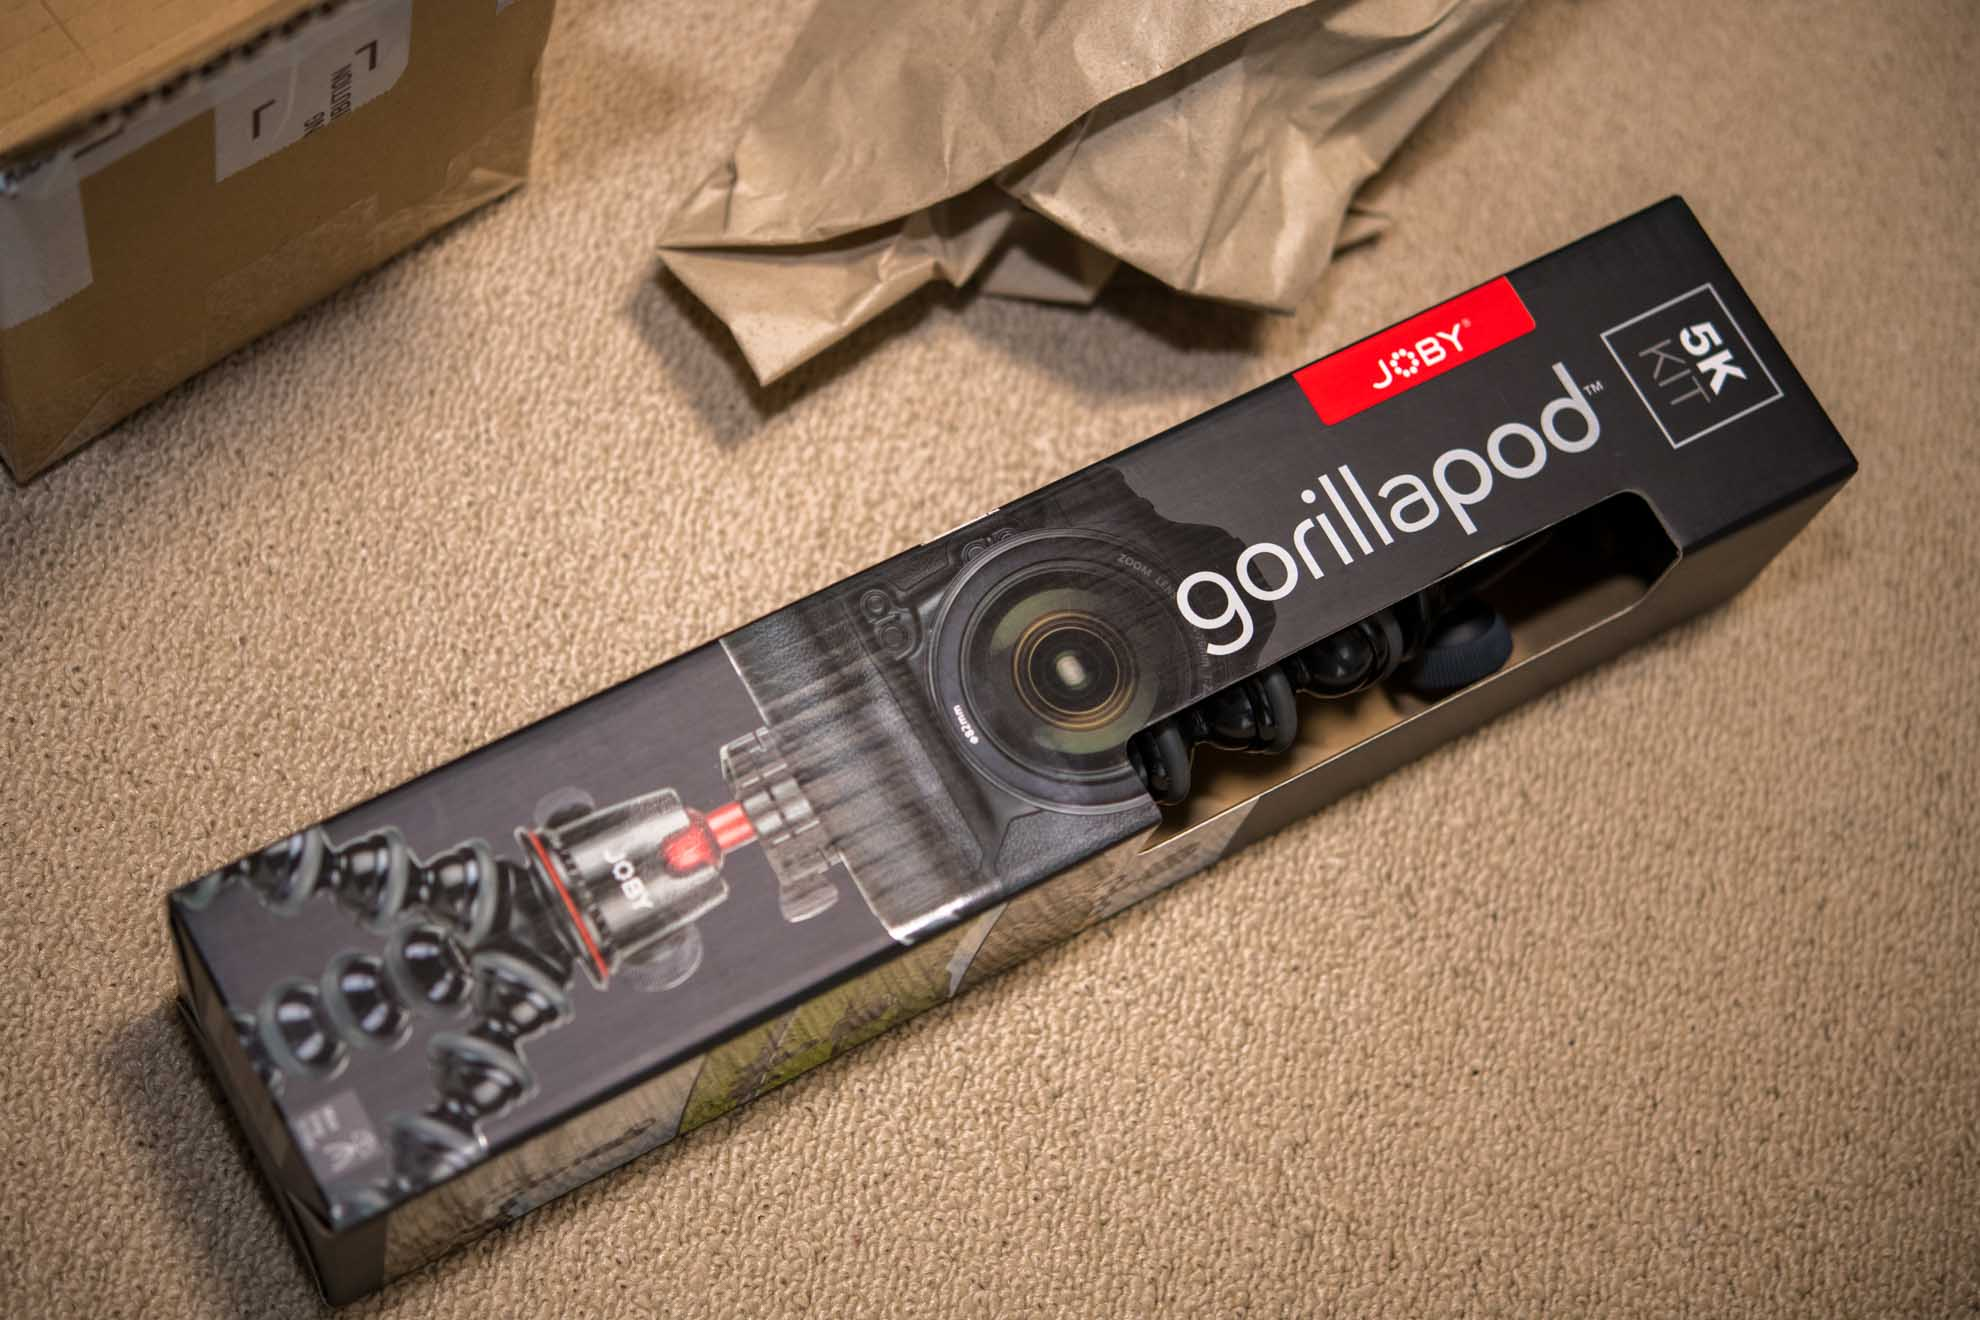 ゴリラポッド5Kのパッケージ